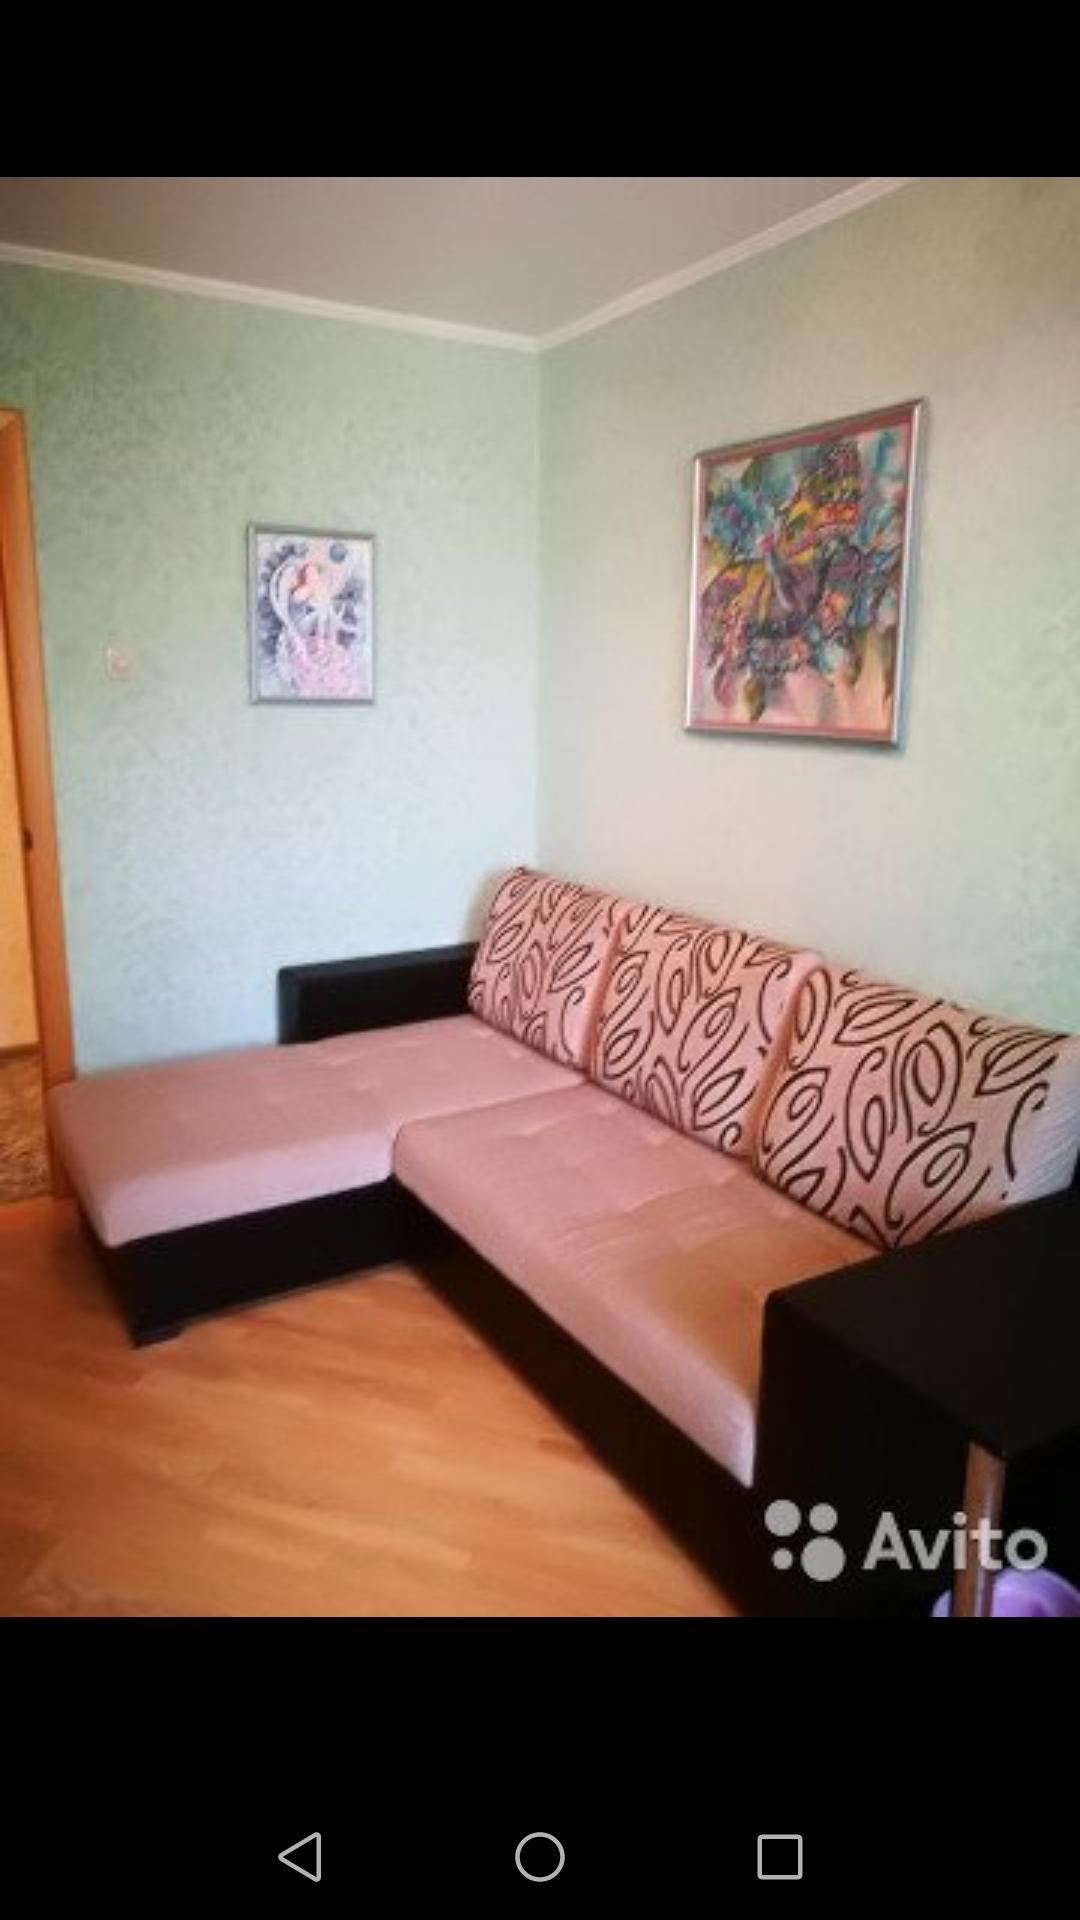 Квартира, 3 комнаты, 57.6 м² в Мытищах 89030184441 купить 1